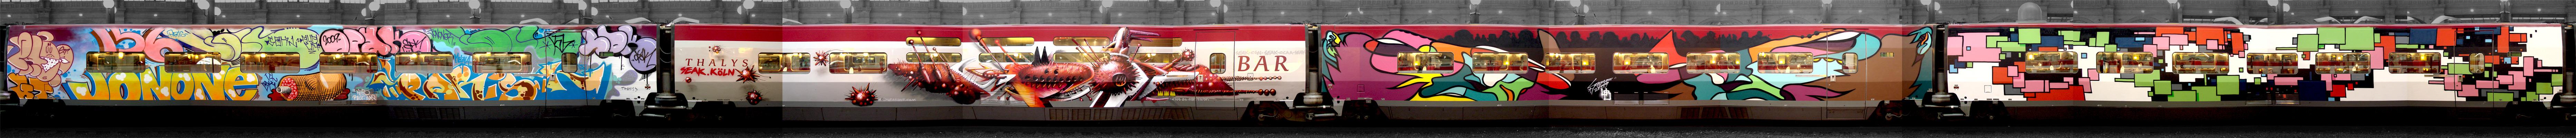 Paris 2009 - Thalys (8)